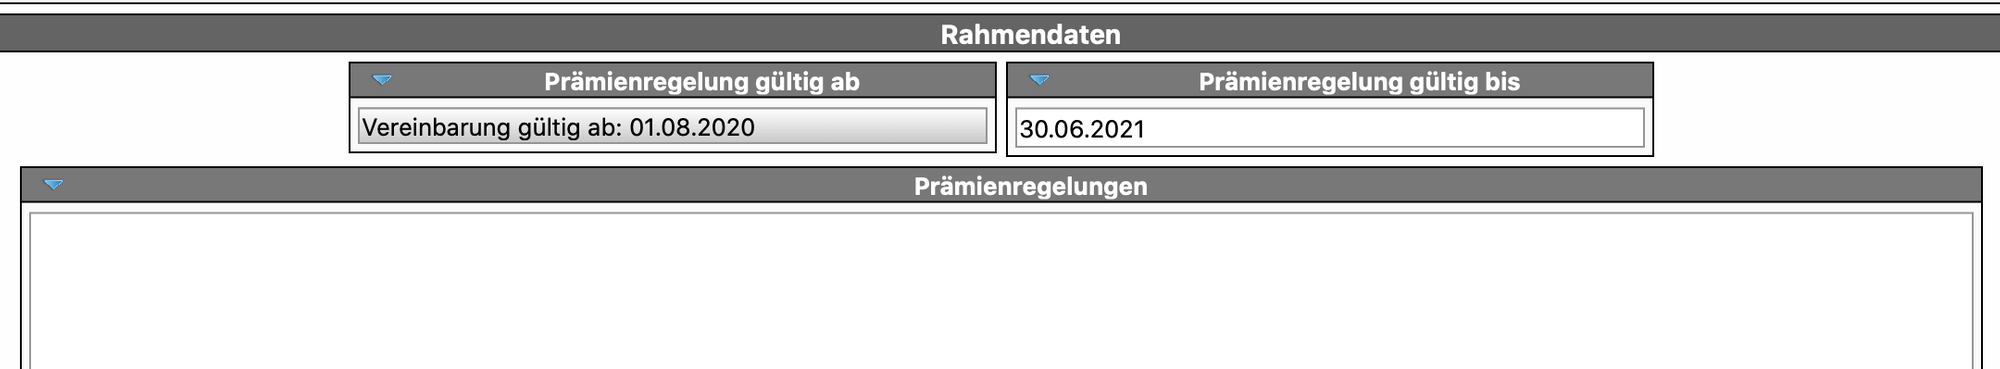 Bildschirmfoto-2020-08-14-um-13.28.51